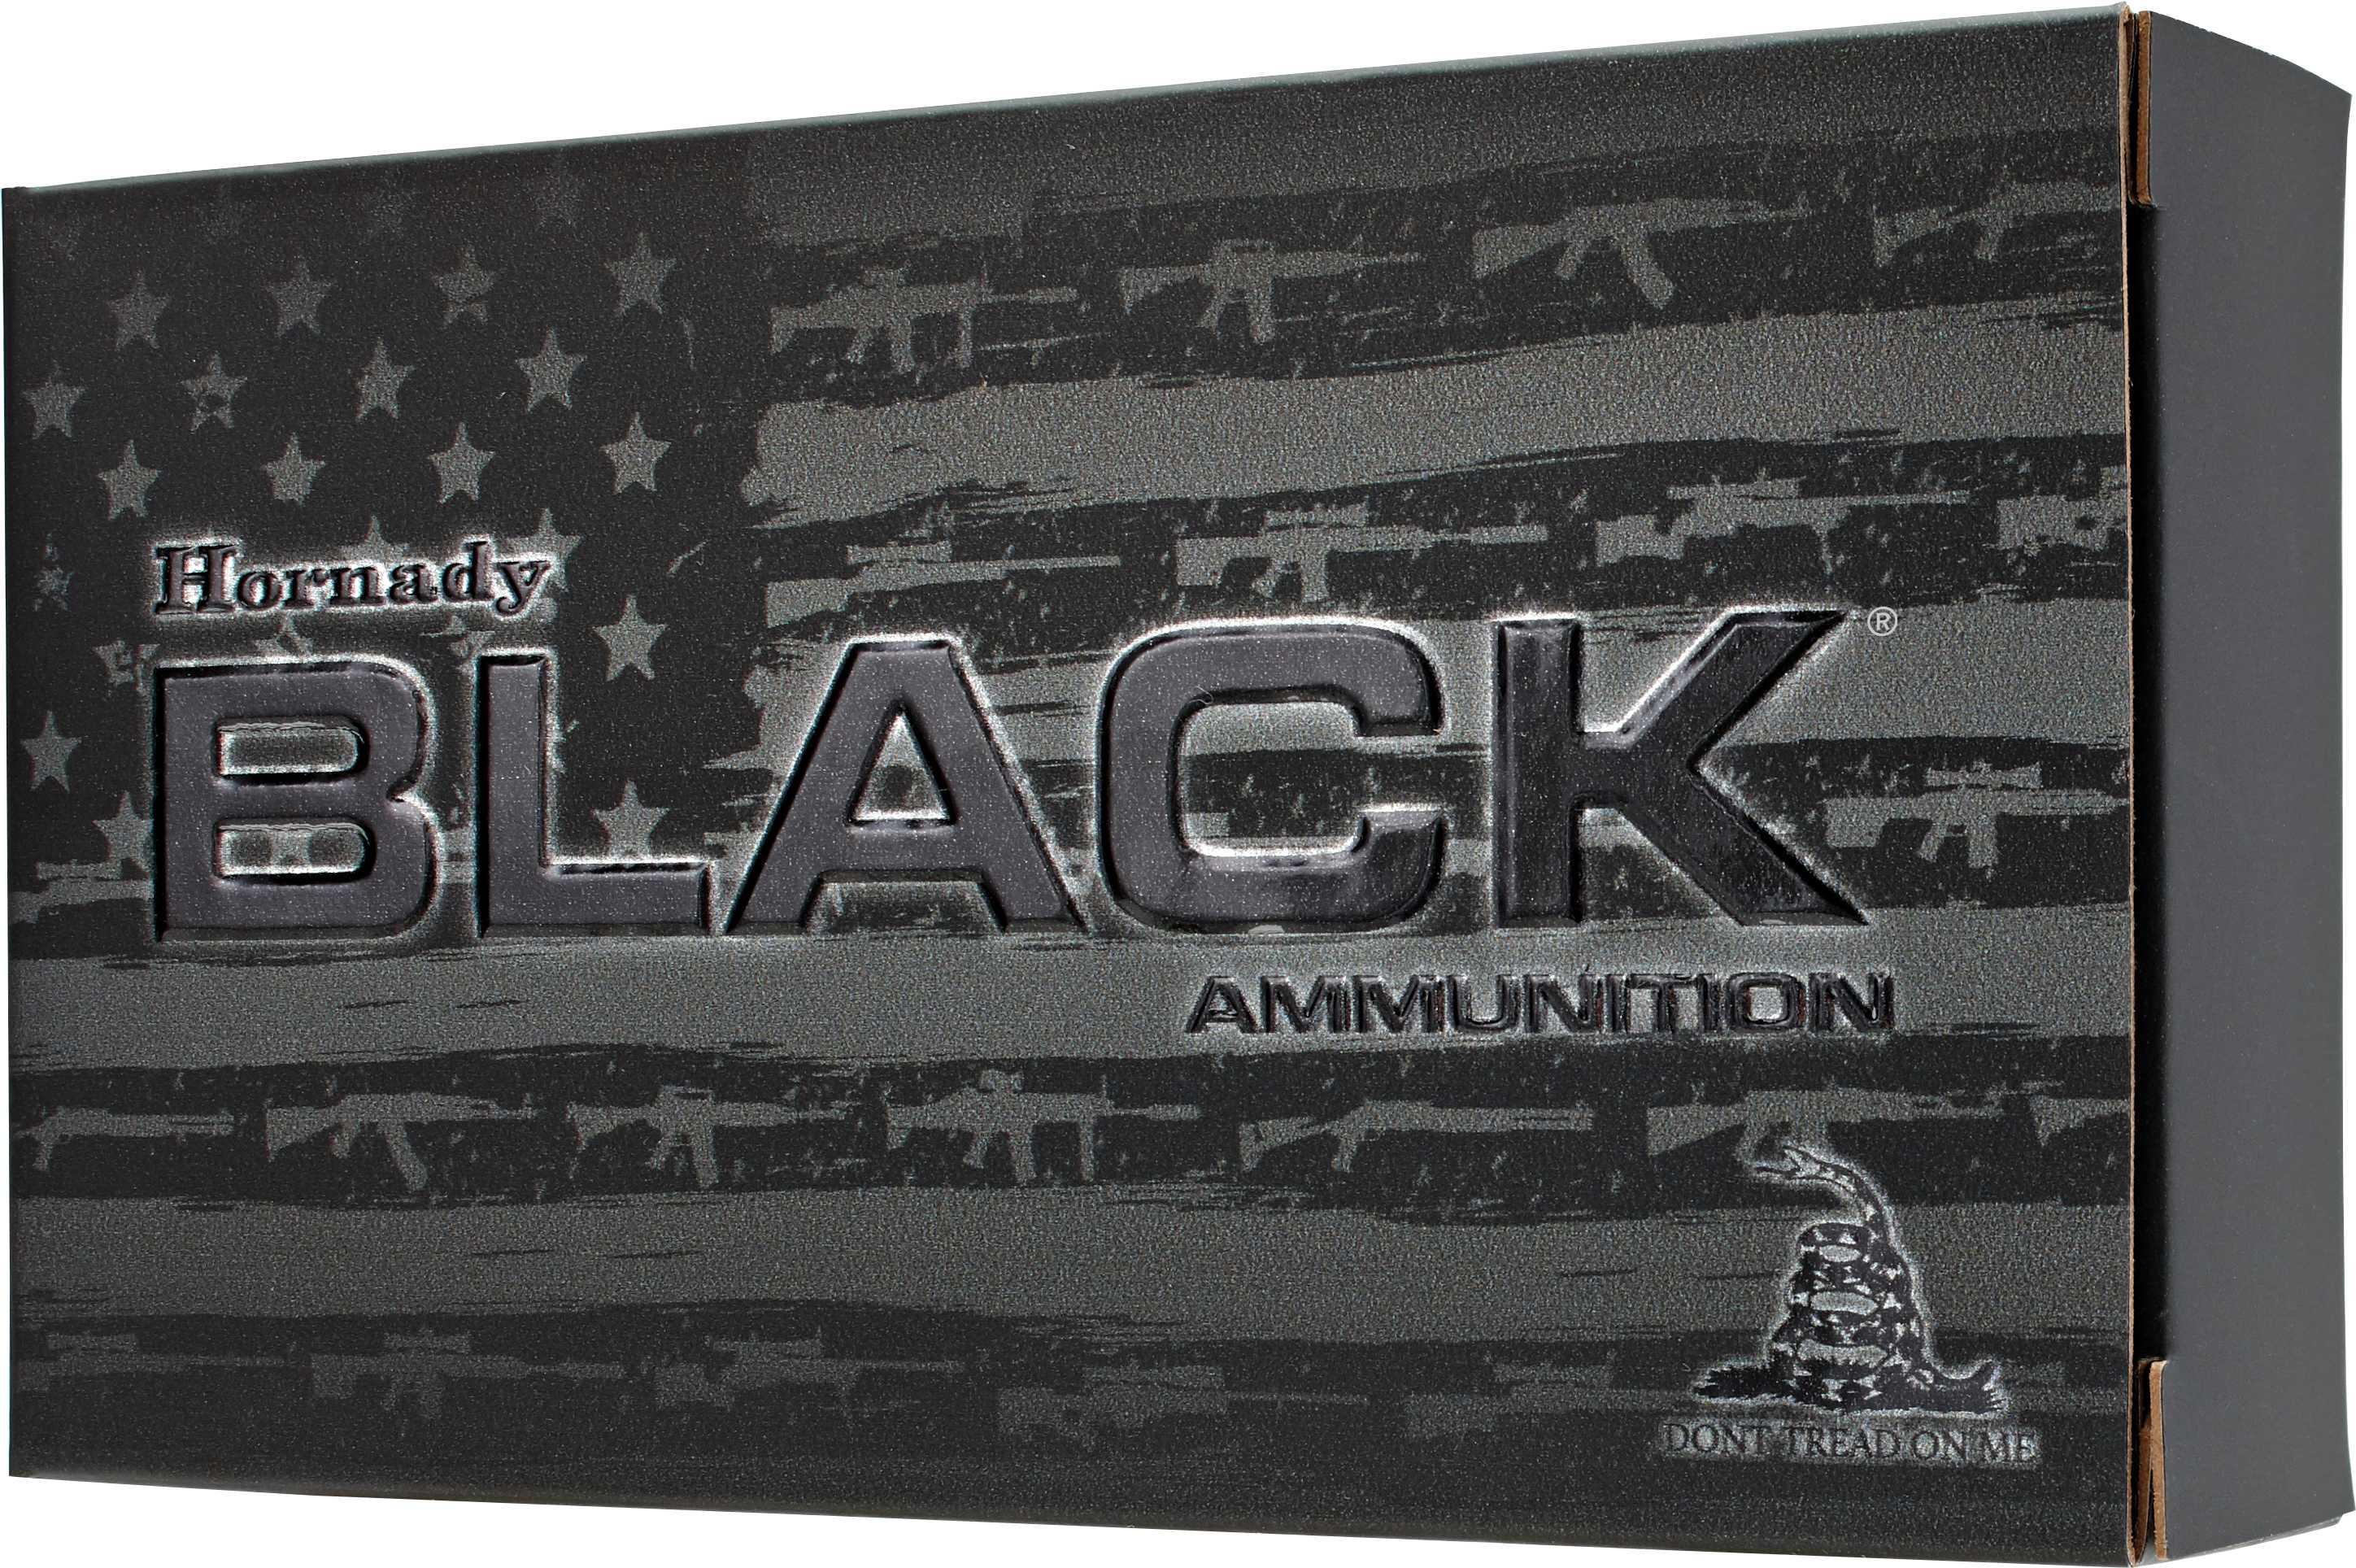 Hornady Ammunition Black 6mm Creedmoor 105 Grain BTHP 20-Pack